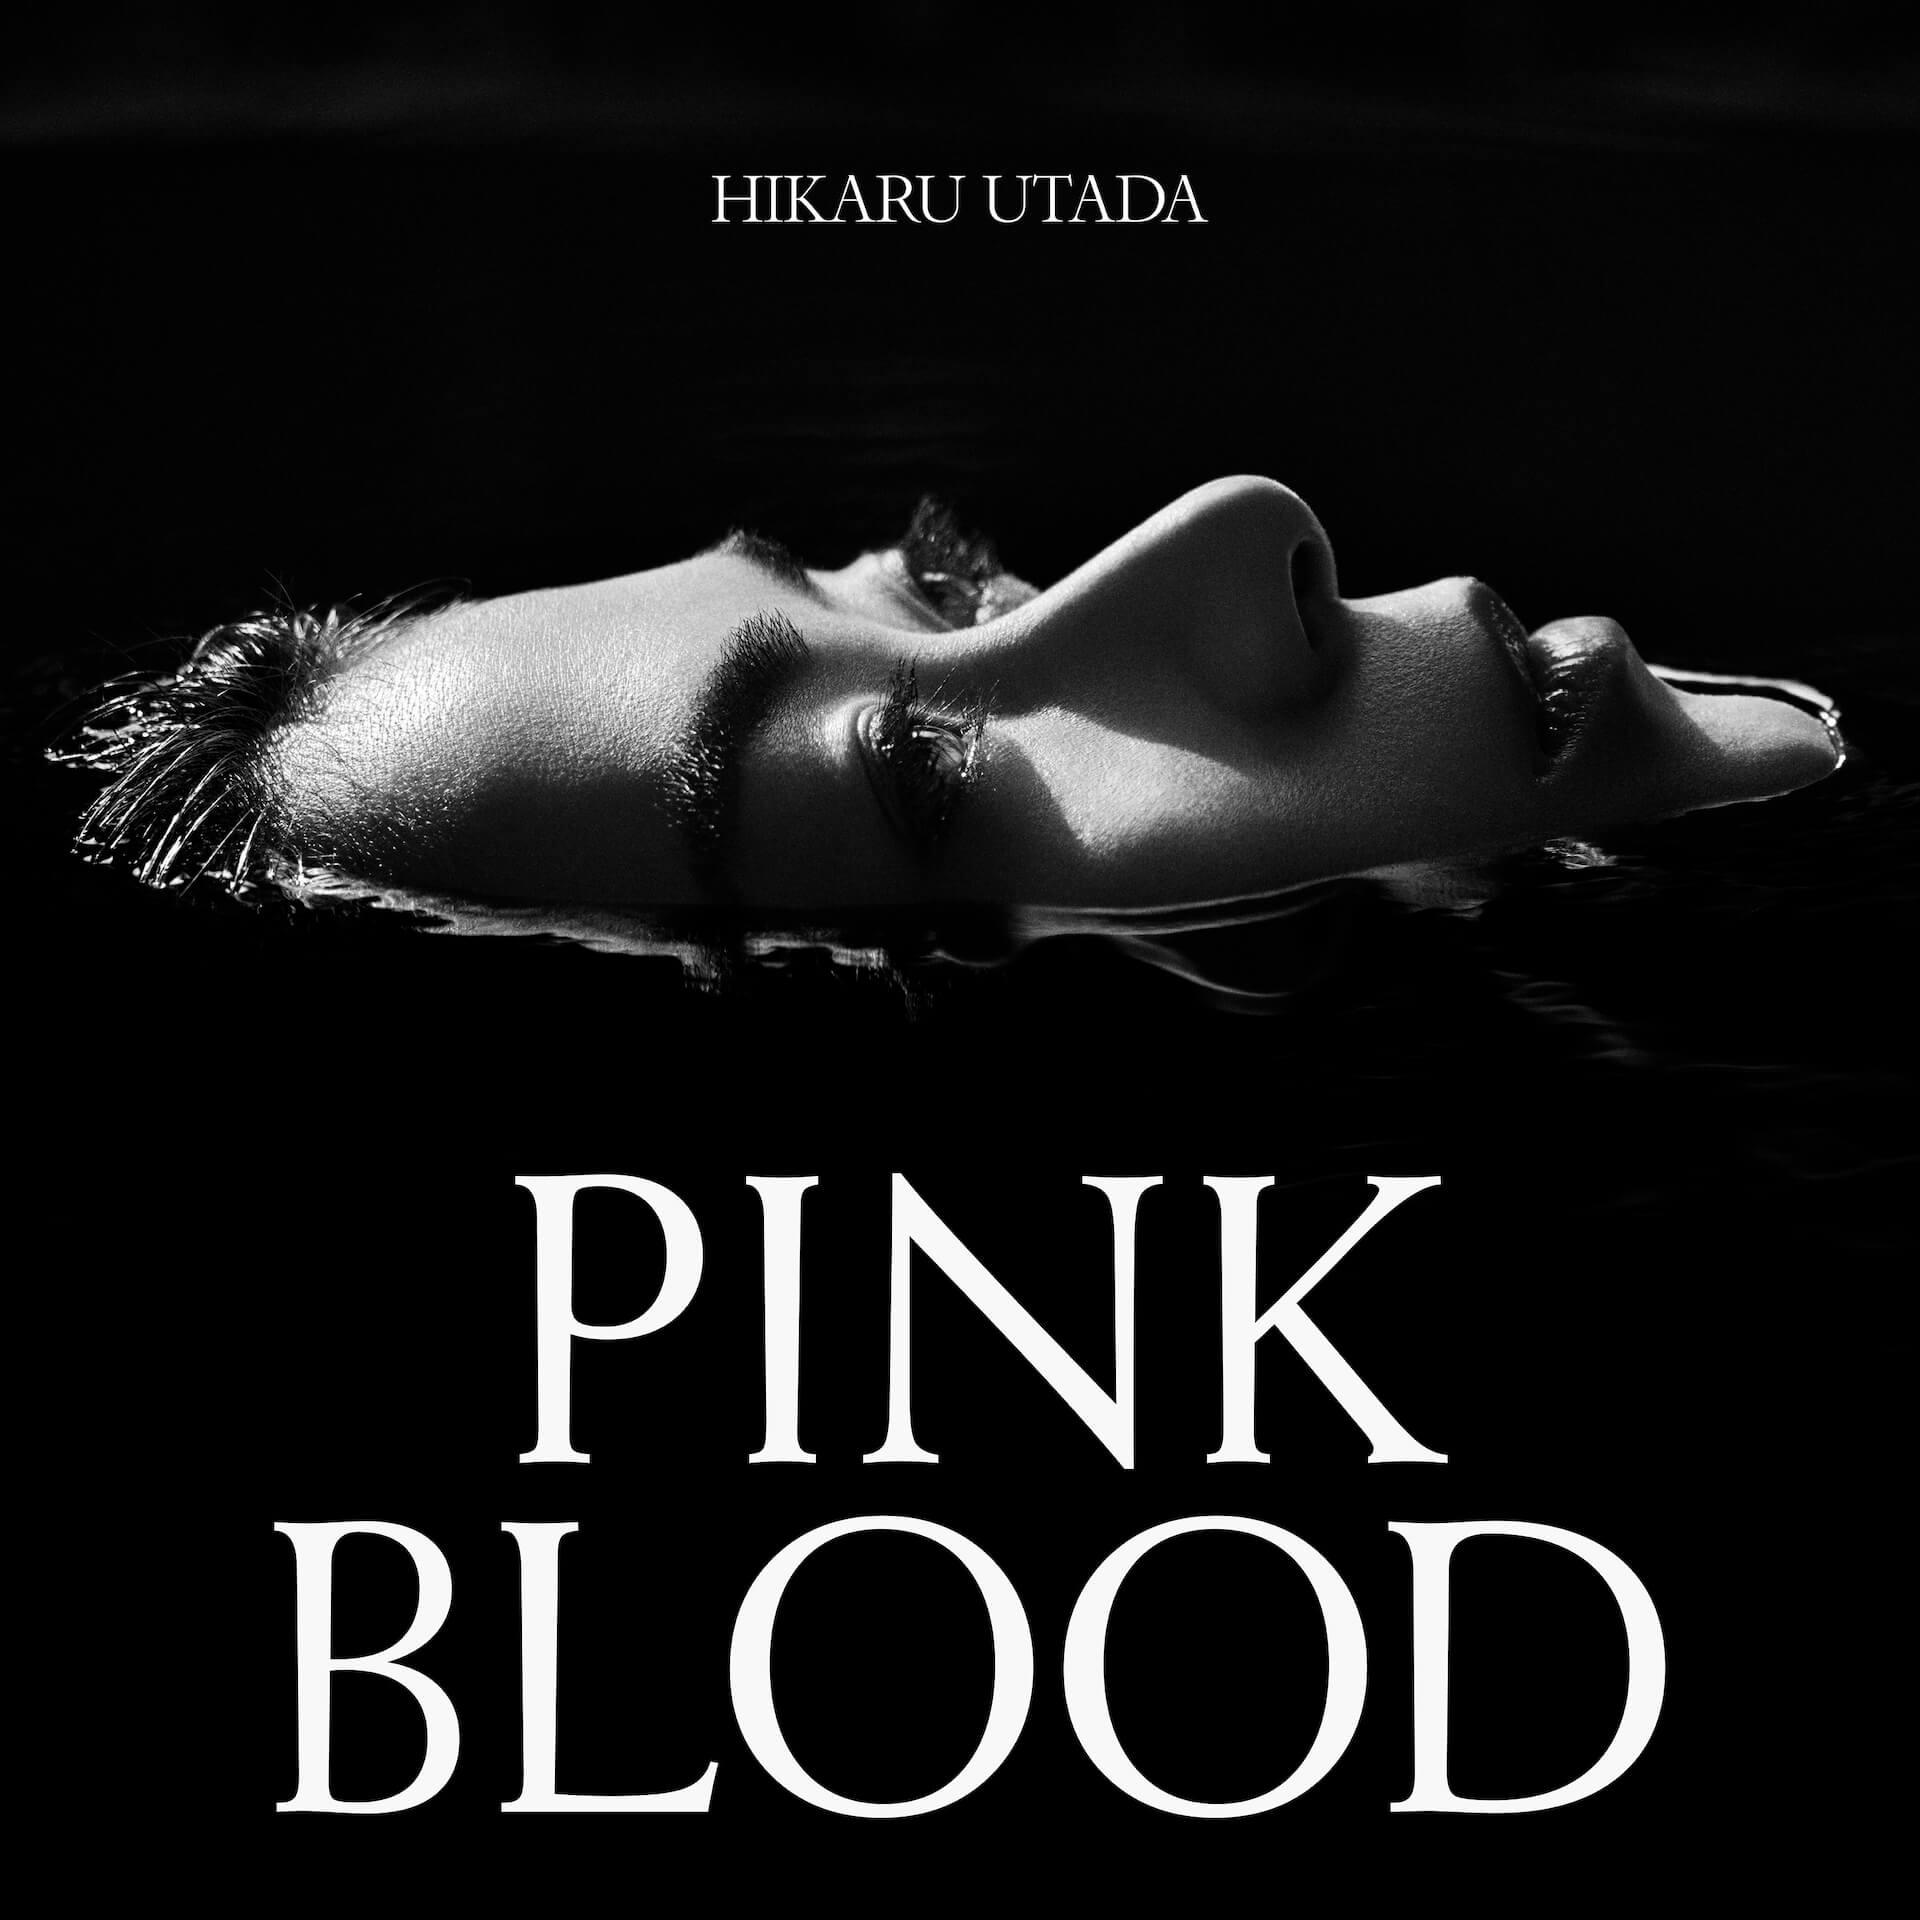 """宇多田ヒカルの人気企画「HIKARU UTADA Live TOP FAN PICKS」が今年も開催決定!""""PINK BLOOD""""のノベルティTシャツがもらえるキャンペーンも music210611_utadahikaru_pinkblood_2"""